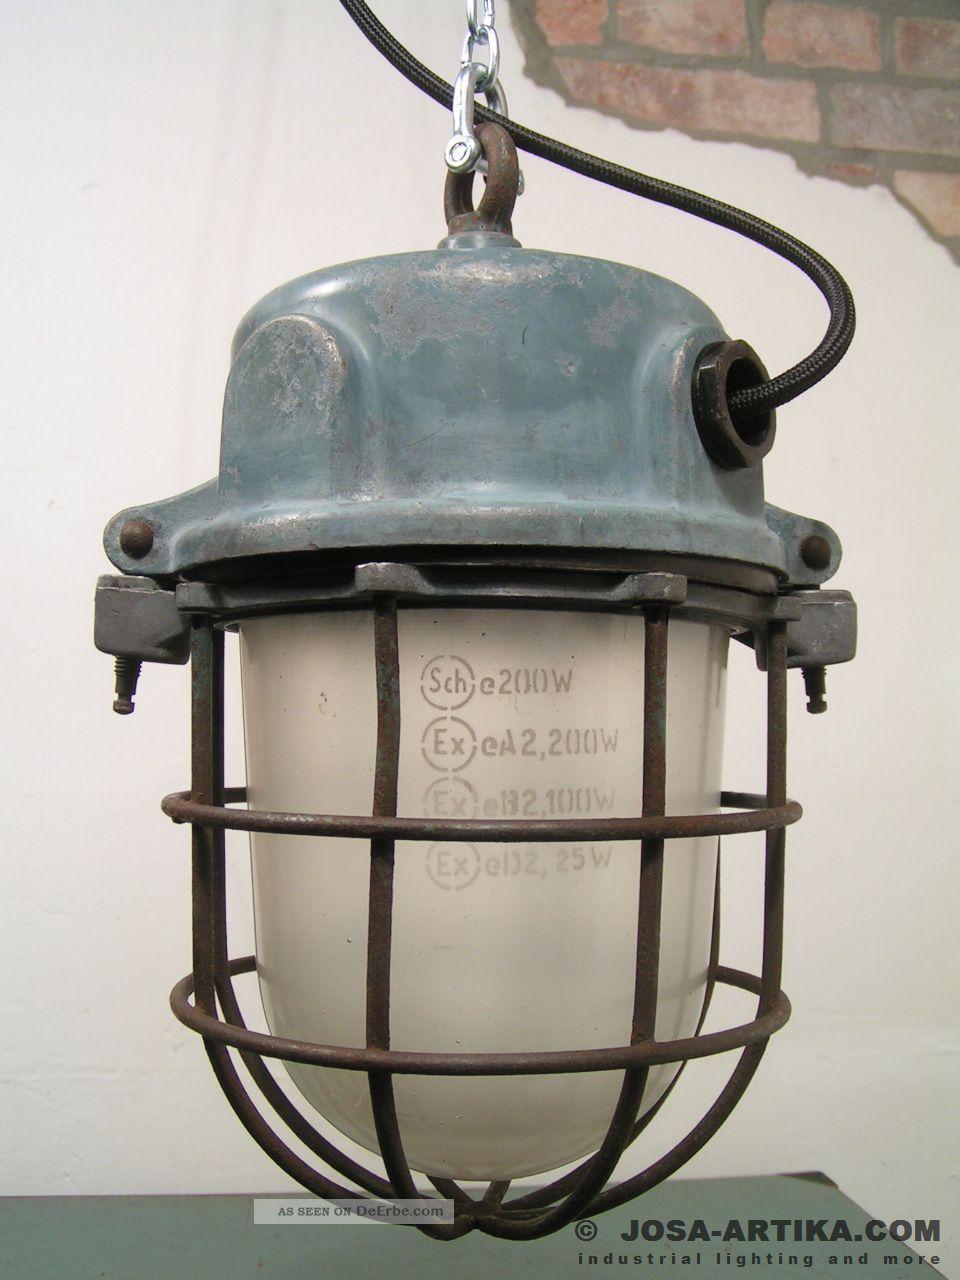 ika bunkerlampe ex lampe vintage industrial light. Black Bedroom Furniture Sets. Home Design Ideas